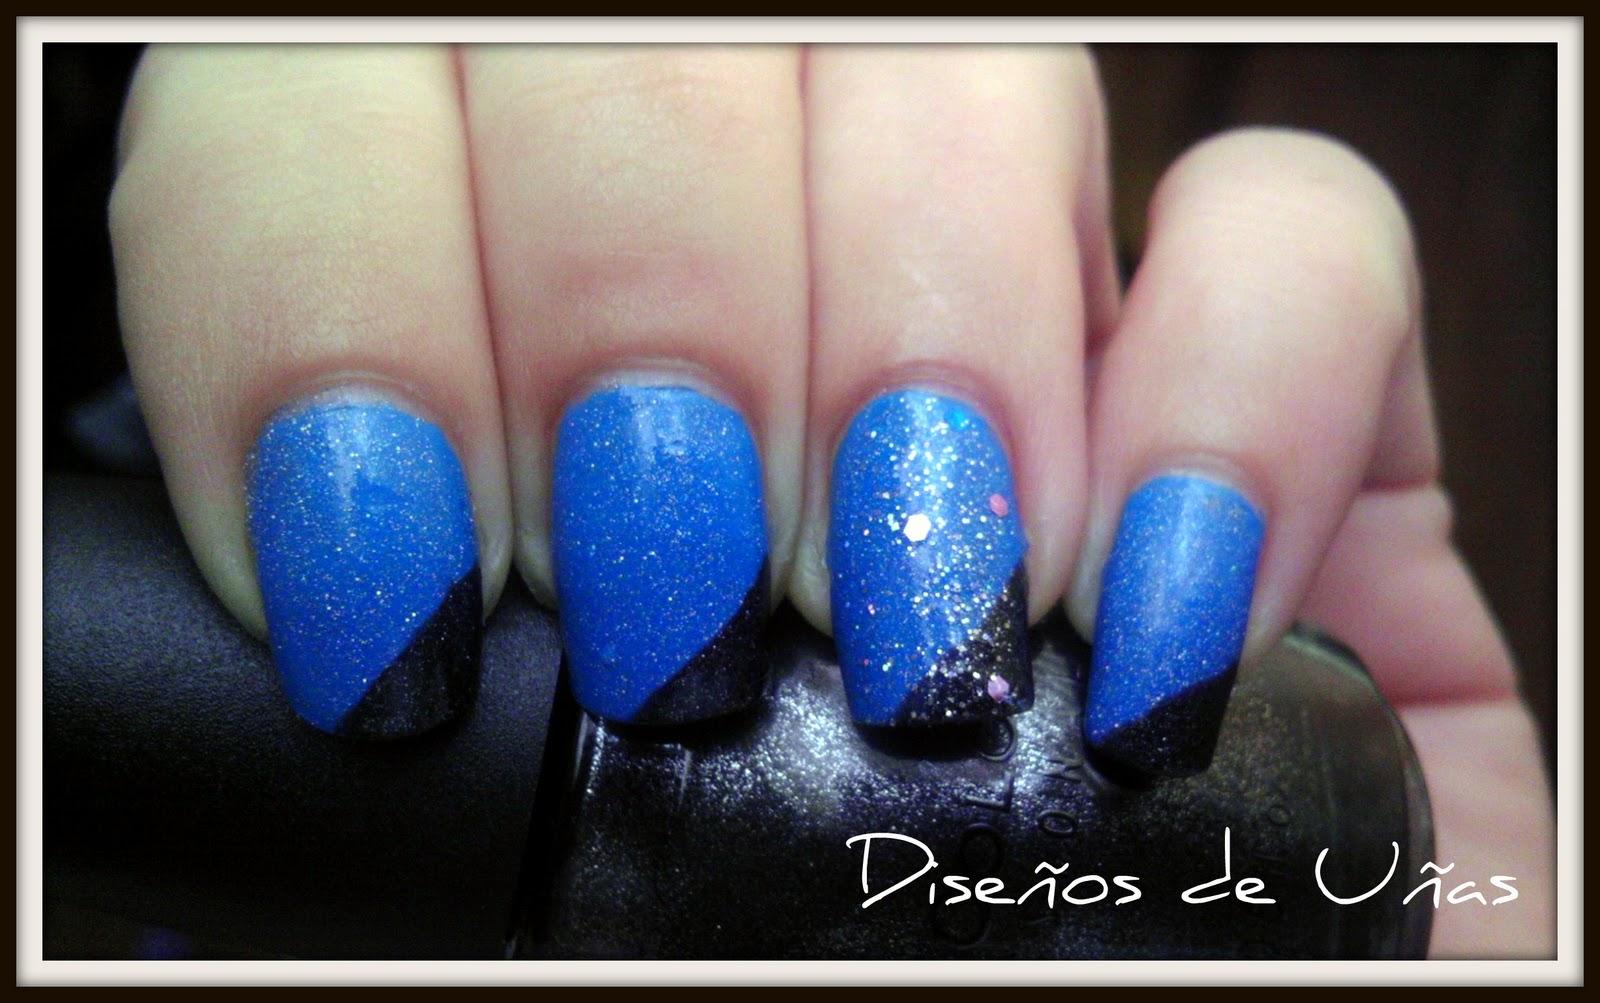 Diseños de Uñas: Azul y Negro!